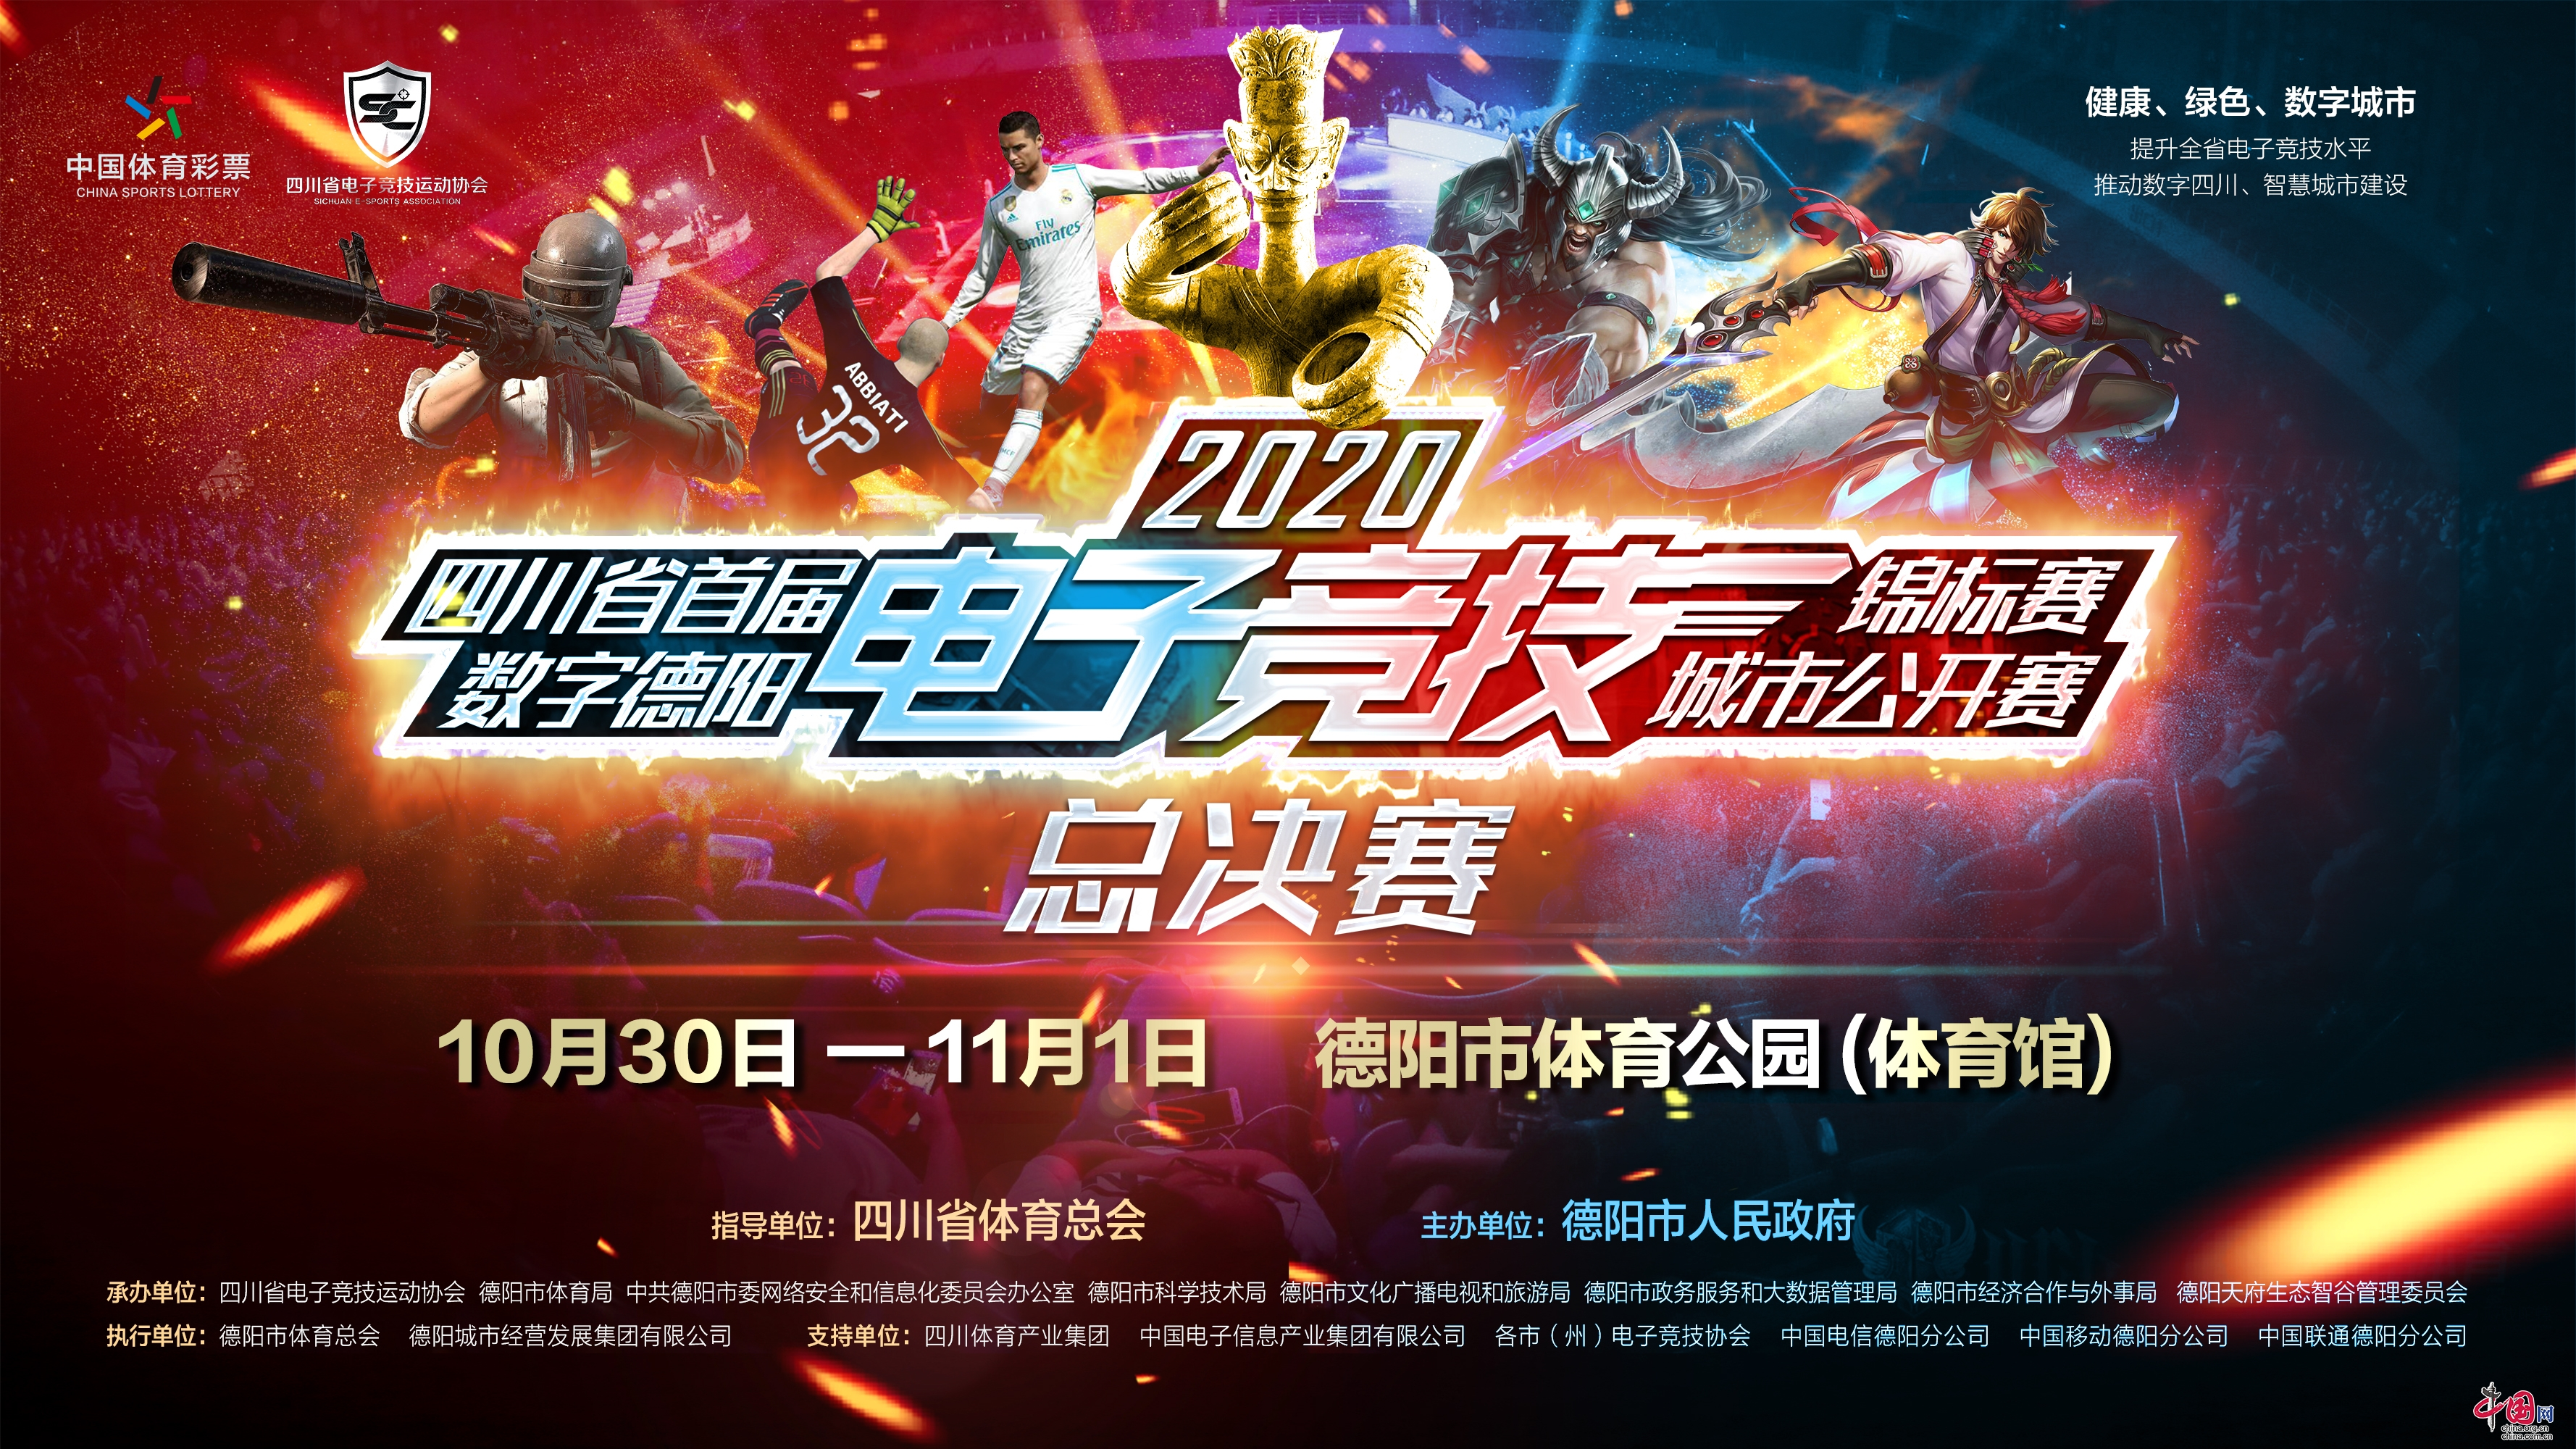 四川首届电子竞技锦标赛10月30日开赛 400余名选手齐聚德阳